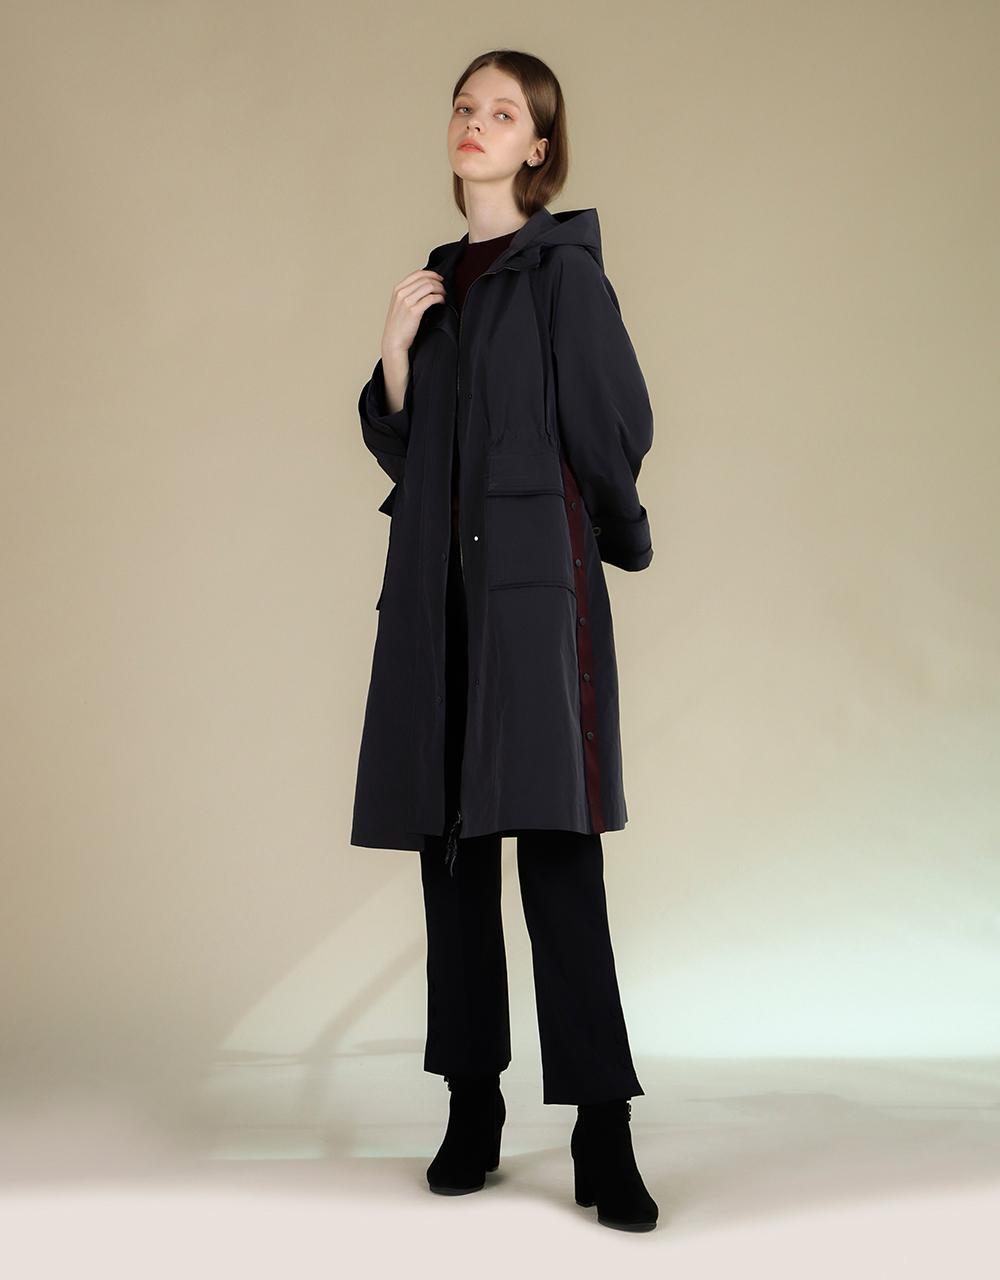 코트 모델 착용 이미지-S2L4